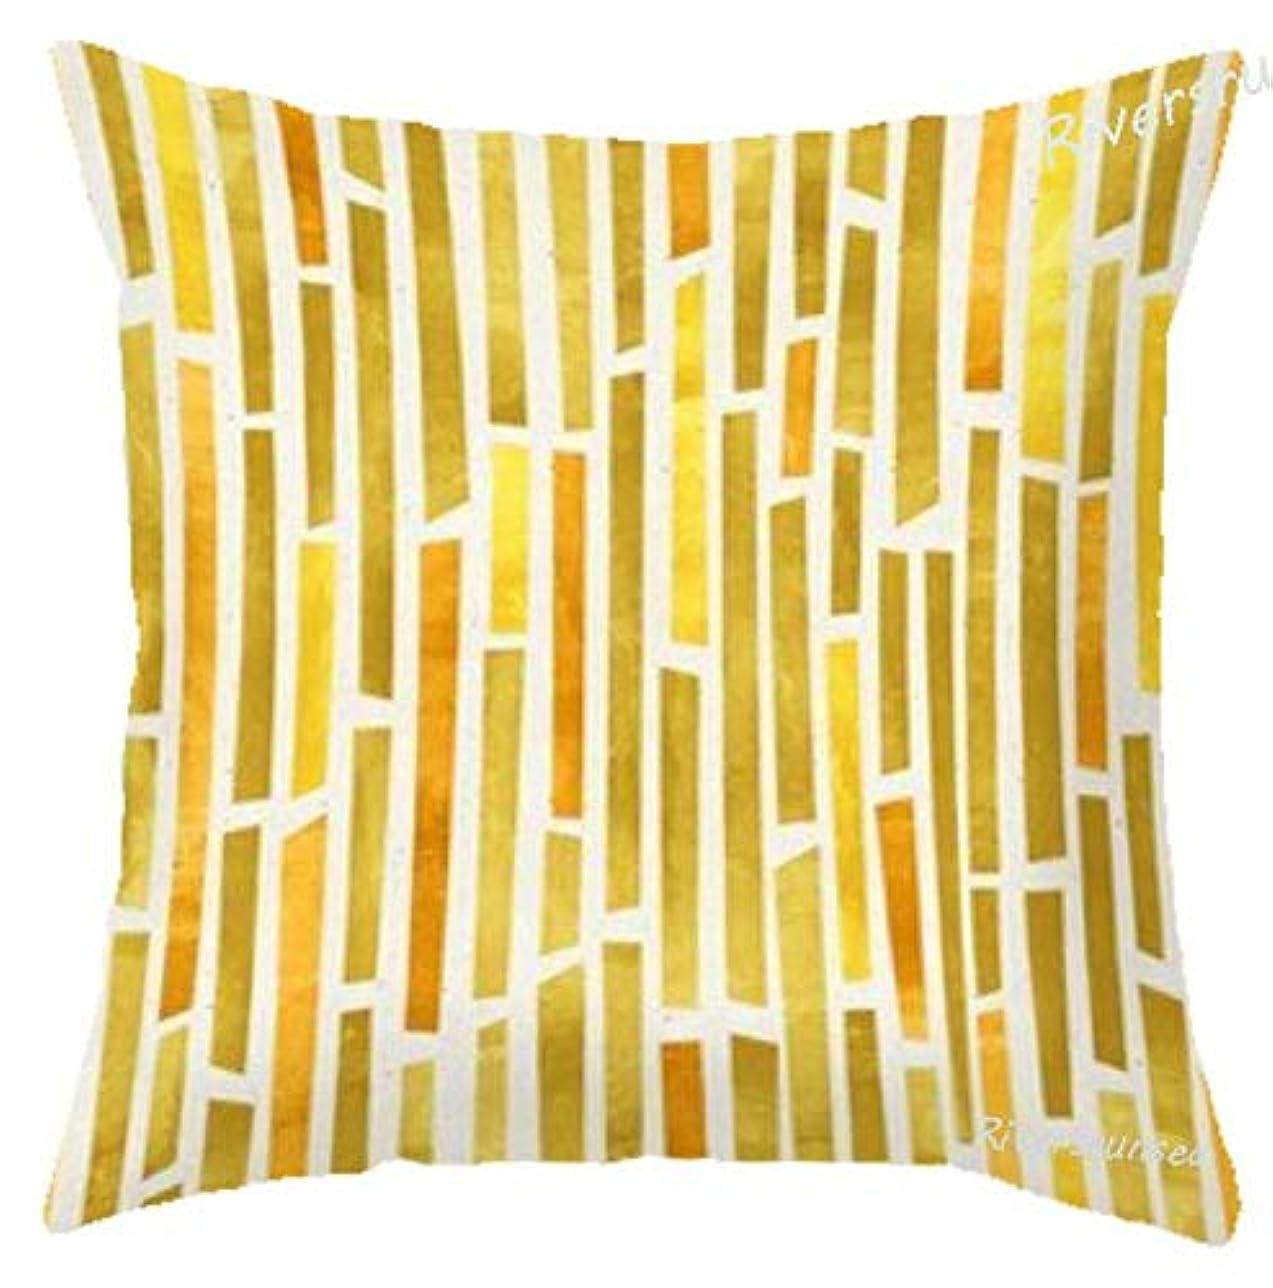 天文学給料プランテーションLIFE北欧スタイルの家の装飾幾何学的なクッションミニマリスト装飾ゲイリー金箔の花の枕のためのリビングルームの椅子クッション 椅子